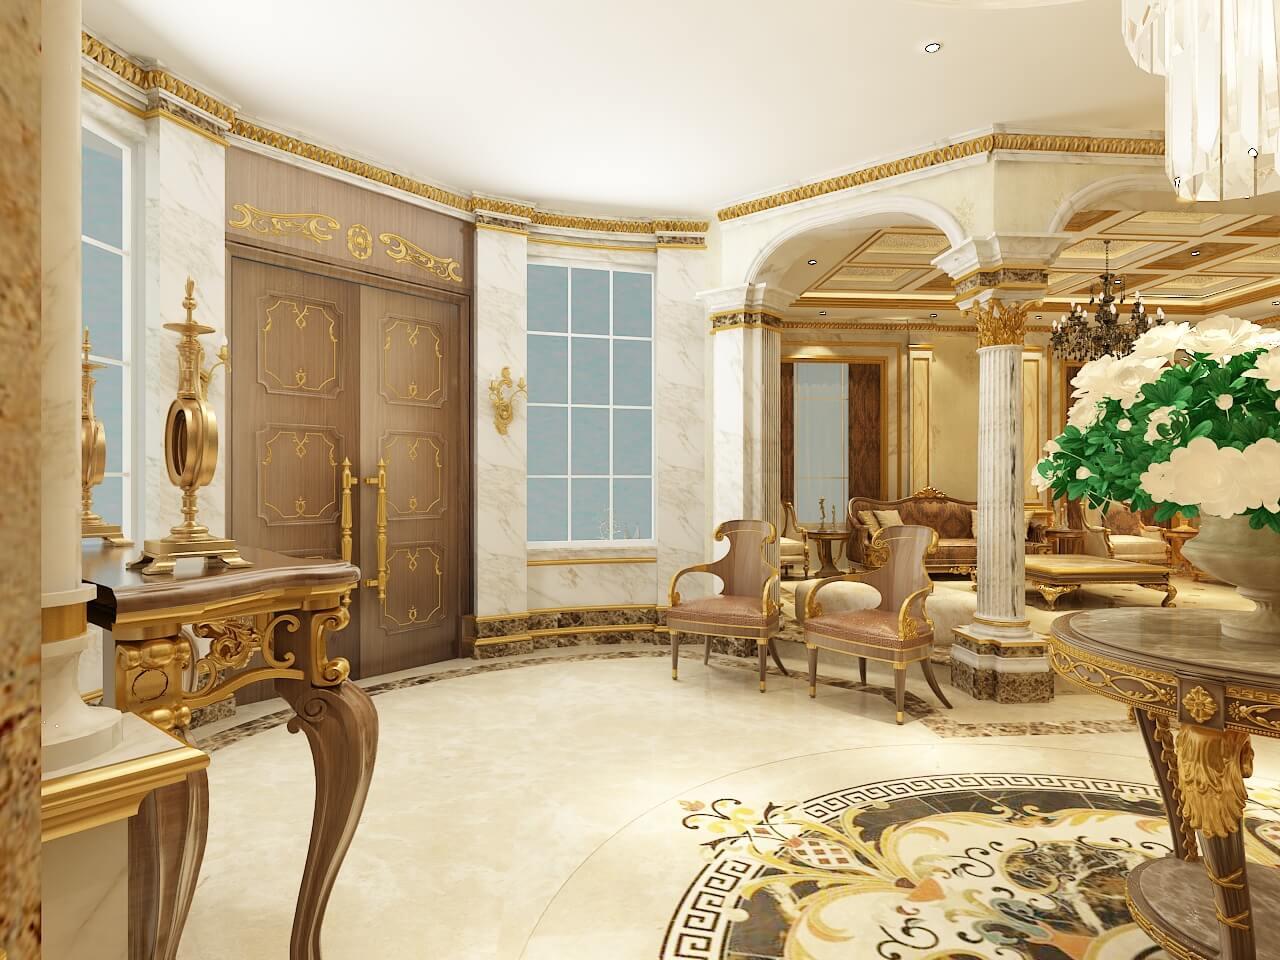 Private Villa, Emirates Hills - 8